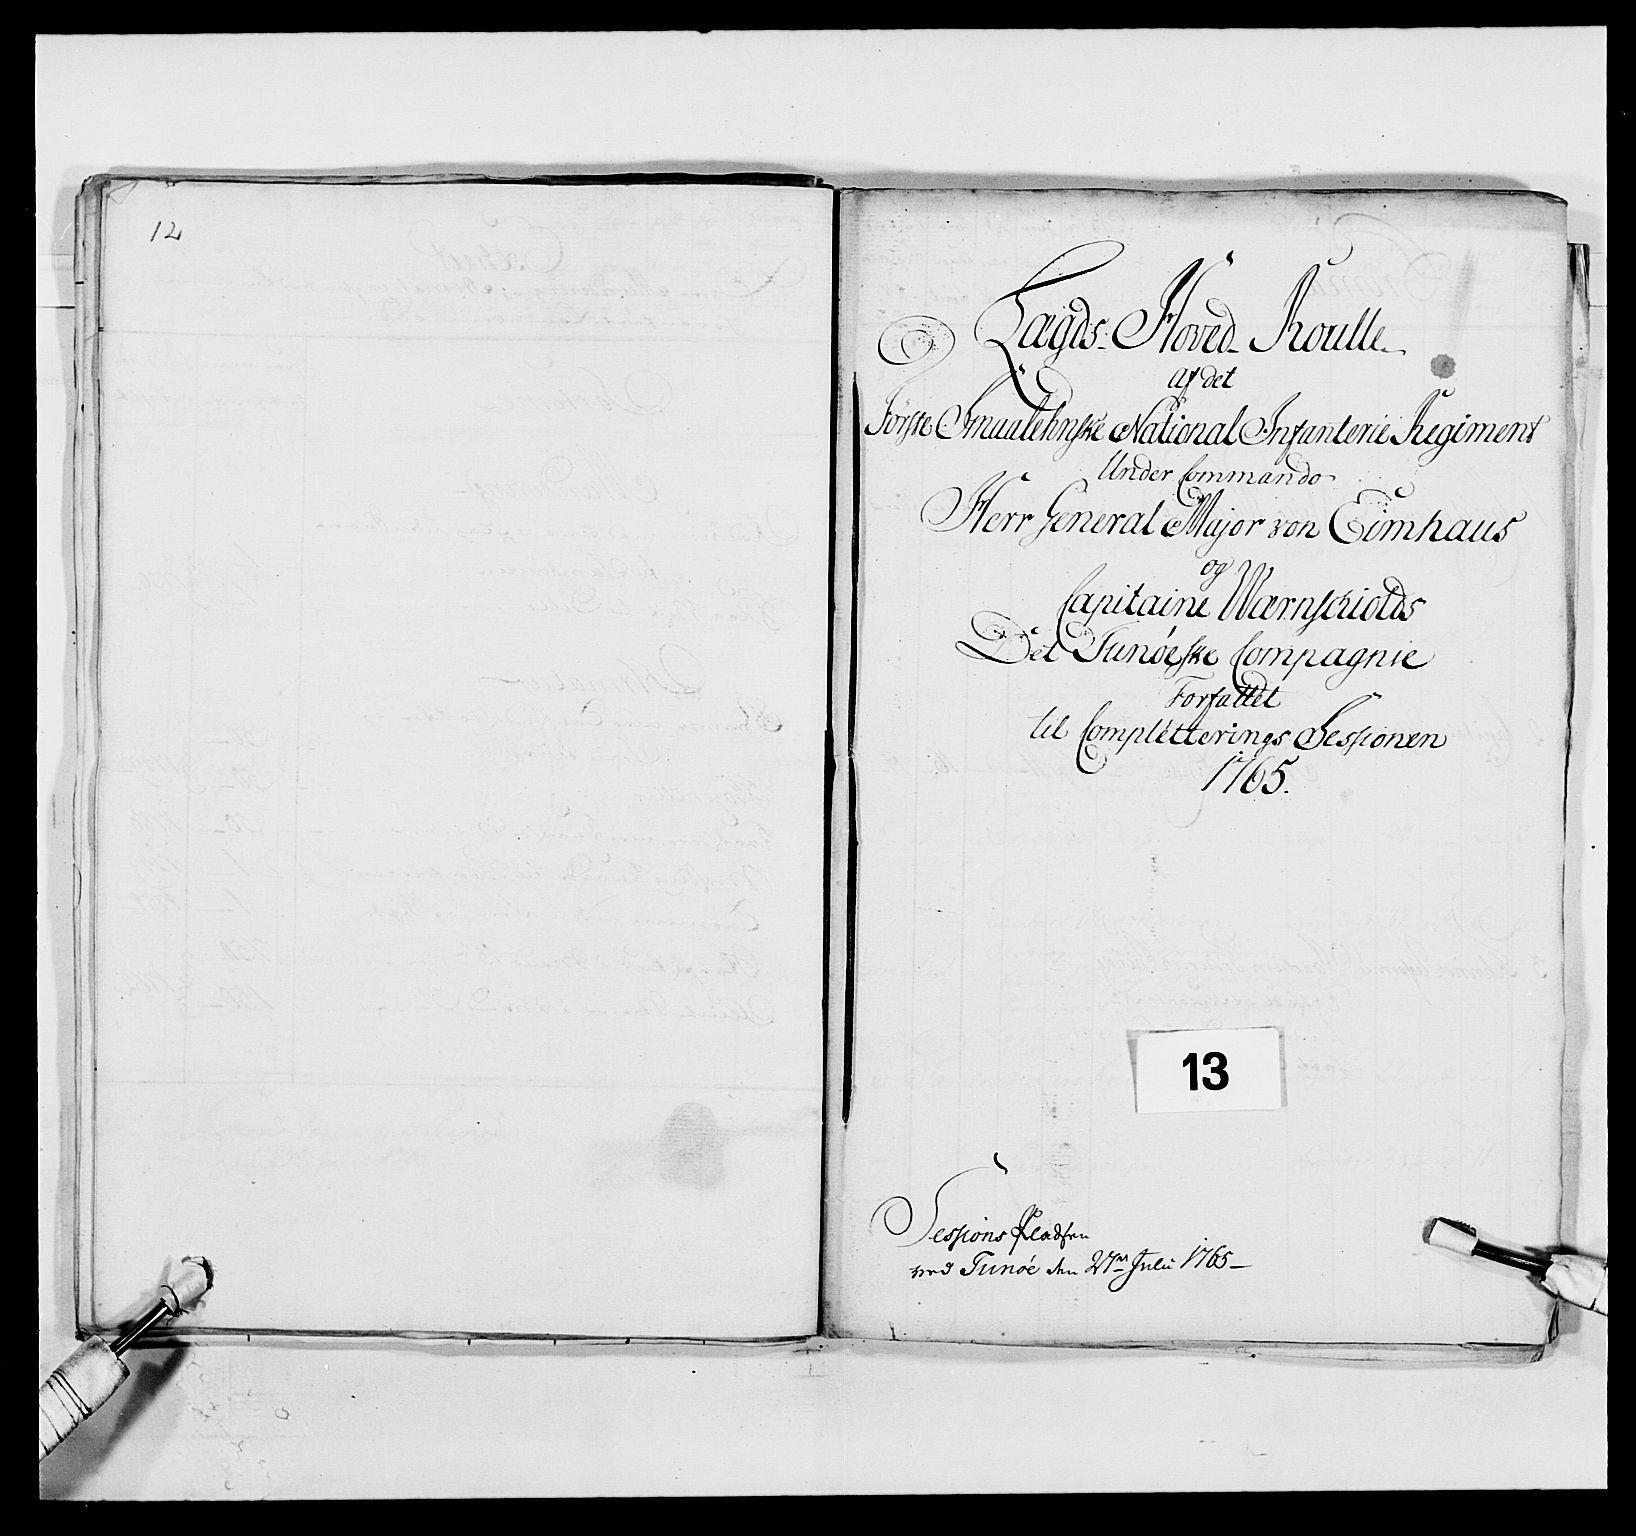 RA, Kommanderende general (KG I) med Det norske krigsdirektorium, E/Ea/L0496: 1. Smålenske regiment, 1765-1767, s. 94